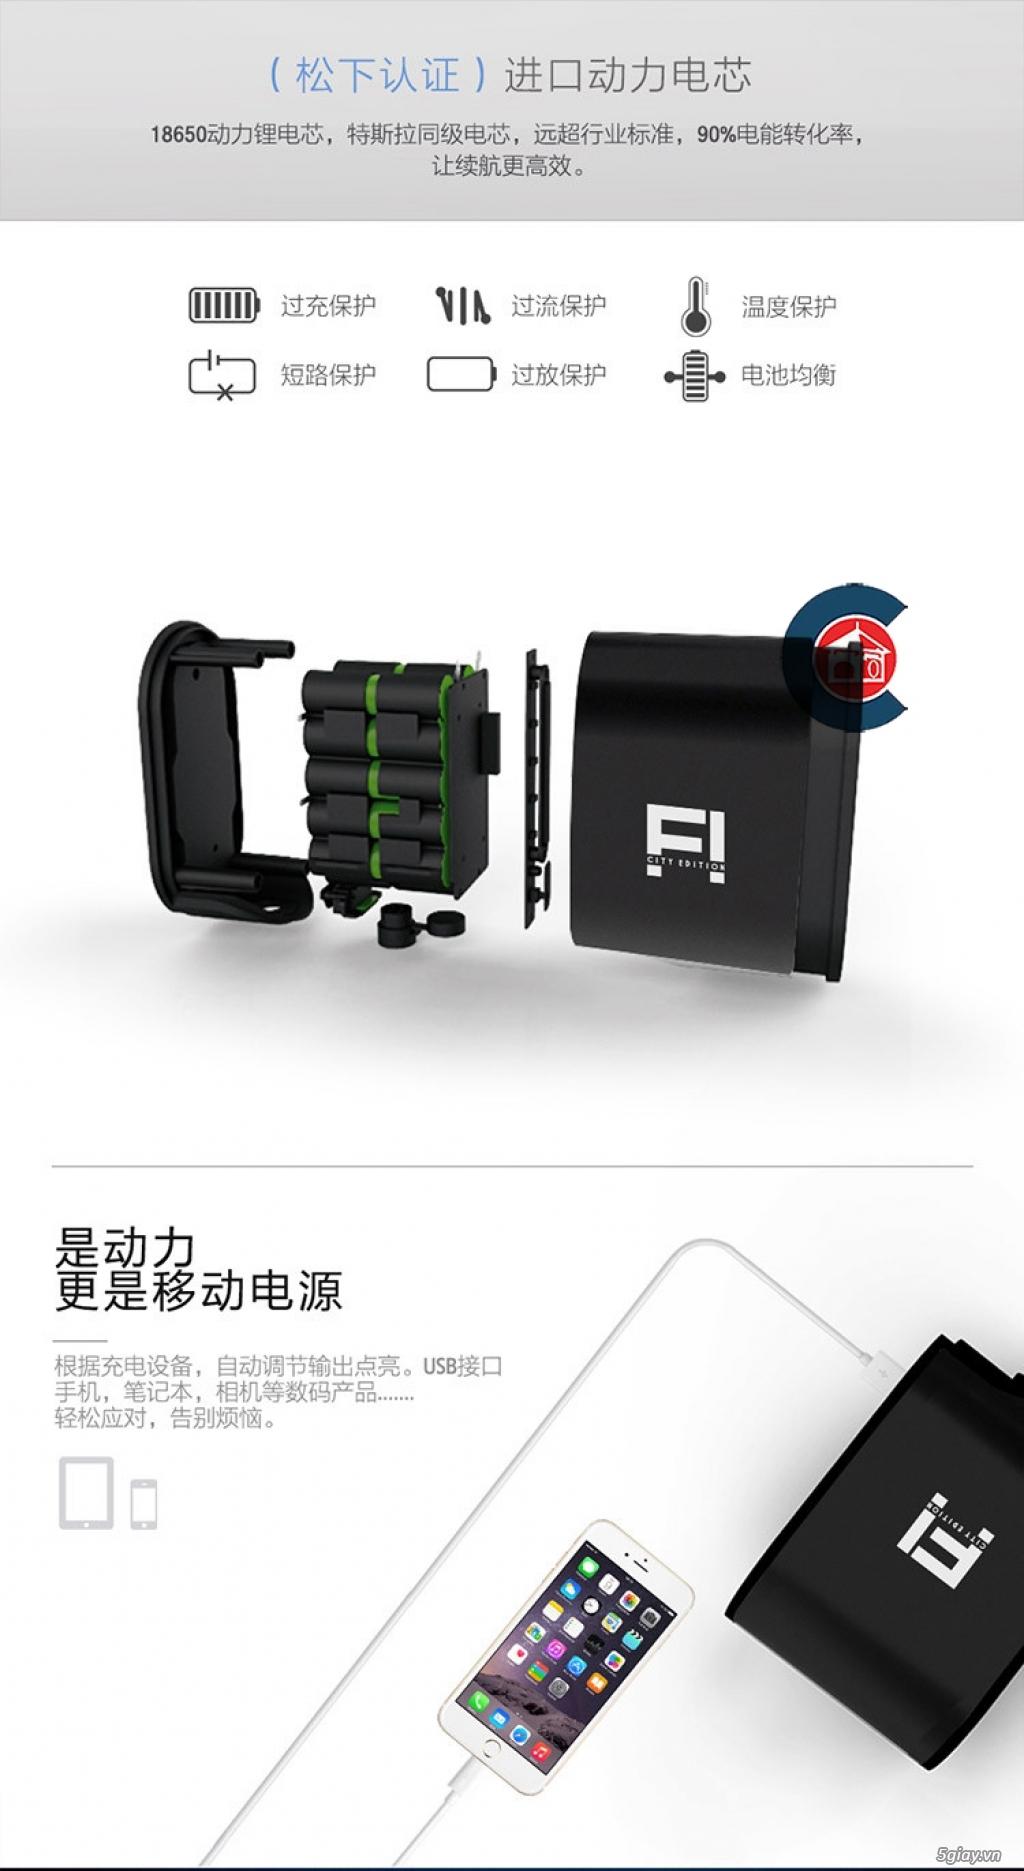 Xe đạp điện ideawalk F1 thông minh - 1